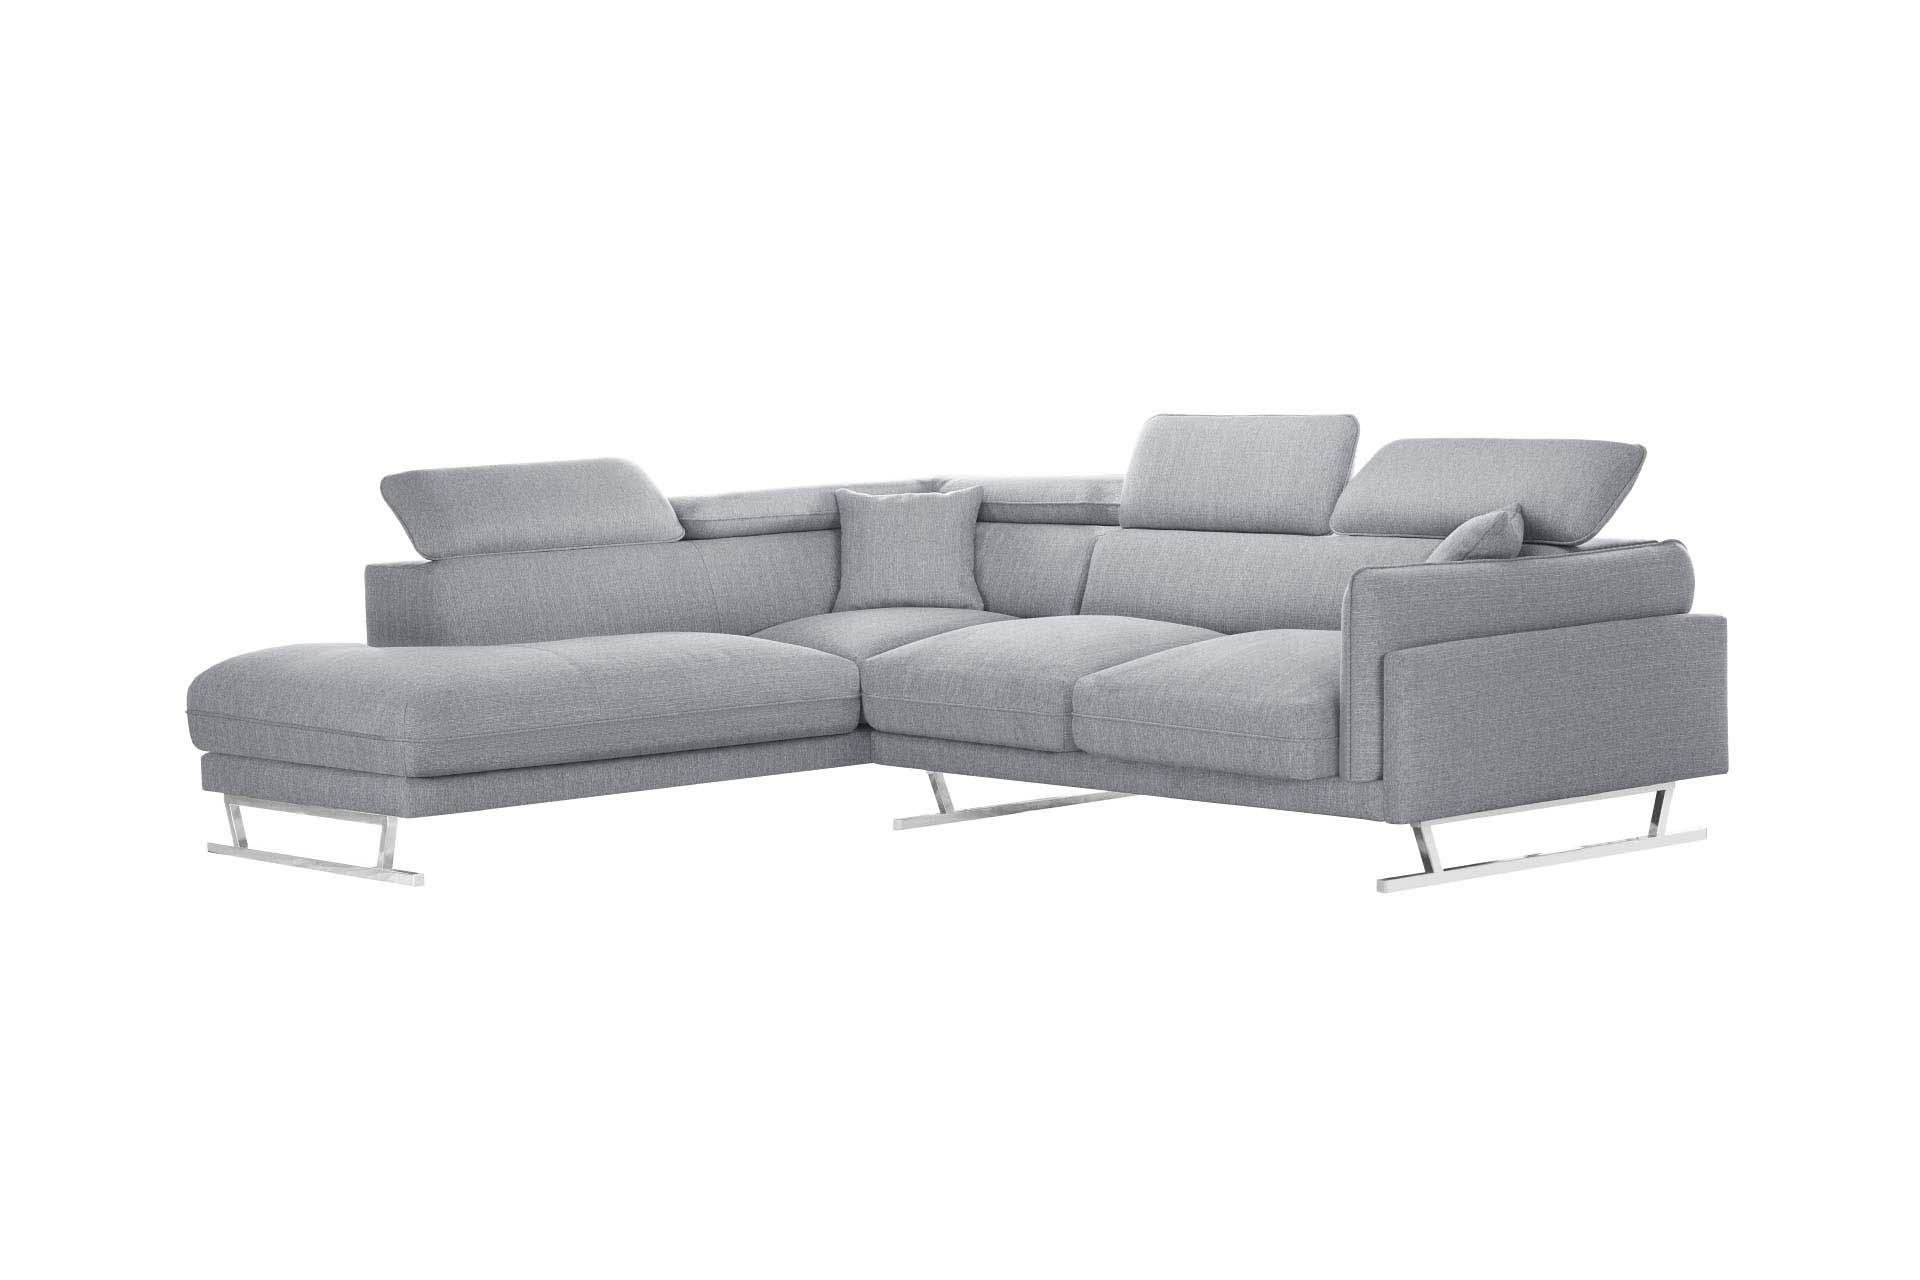 Canapé d'angle gauche 6 places toucher lin gris